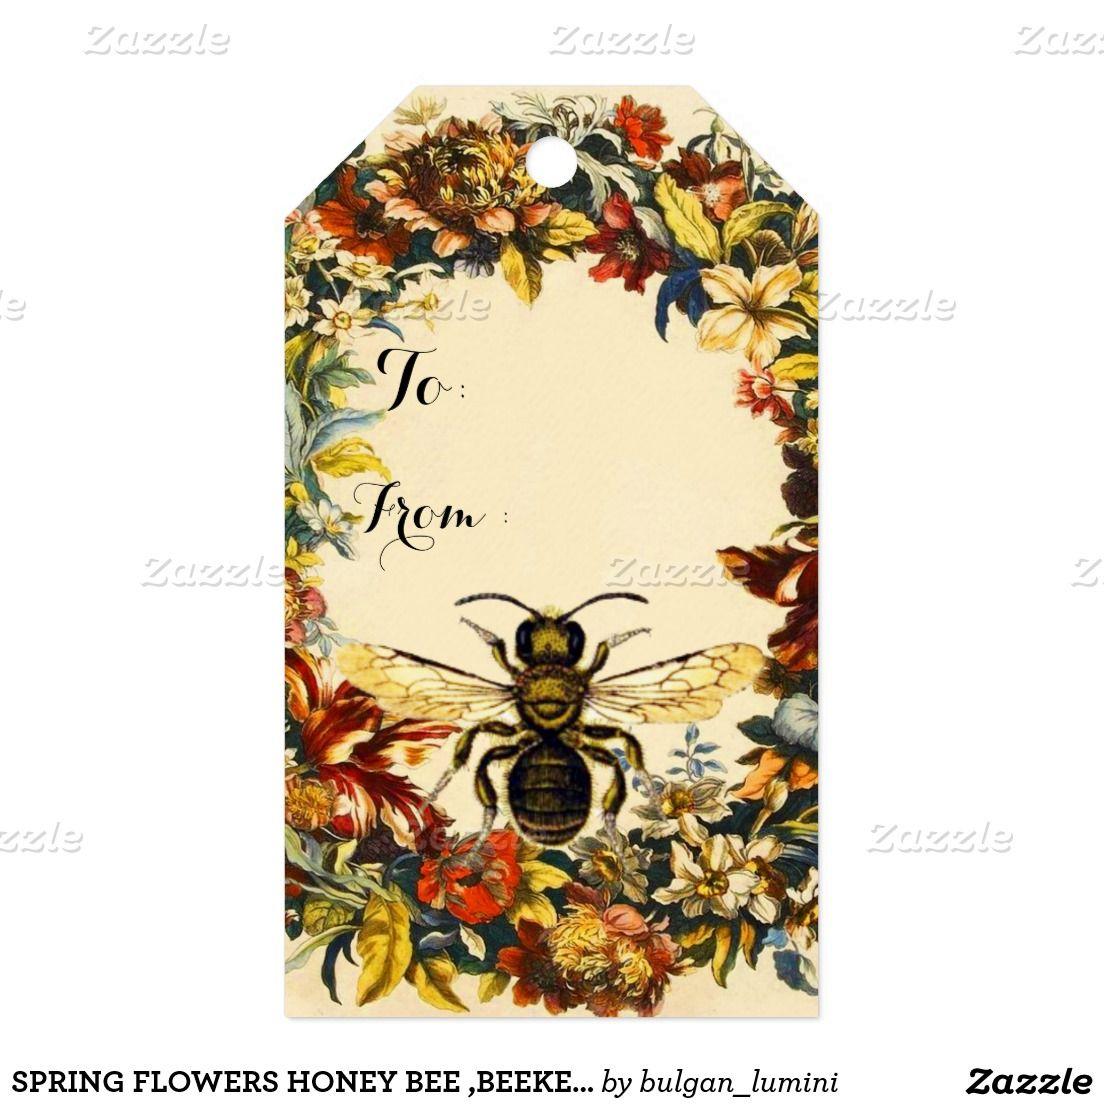 Spring flowers honey bee beekeeper christmas gift tags bees spring flowers honey bee beekeeper christmas gift tags mightylinksfo